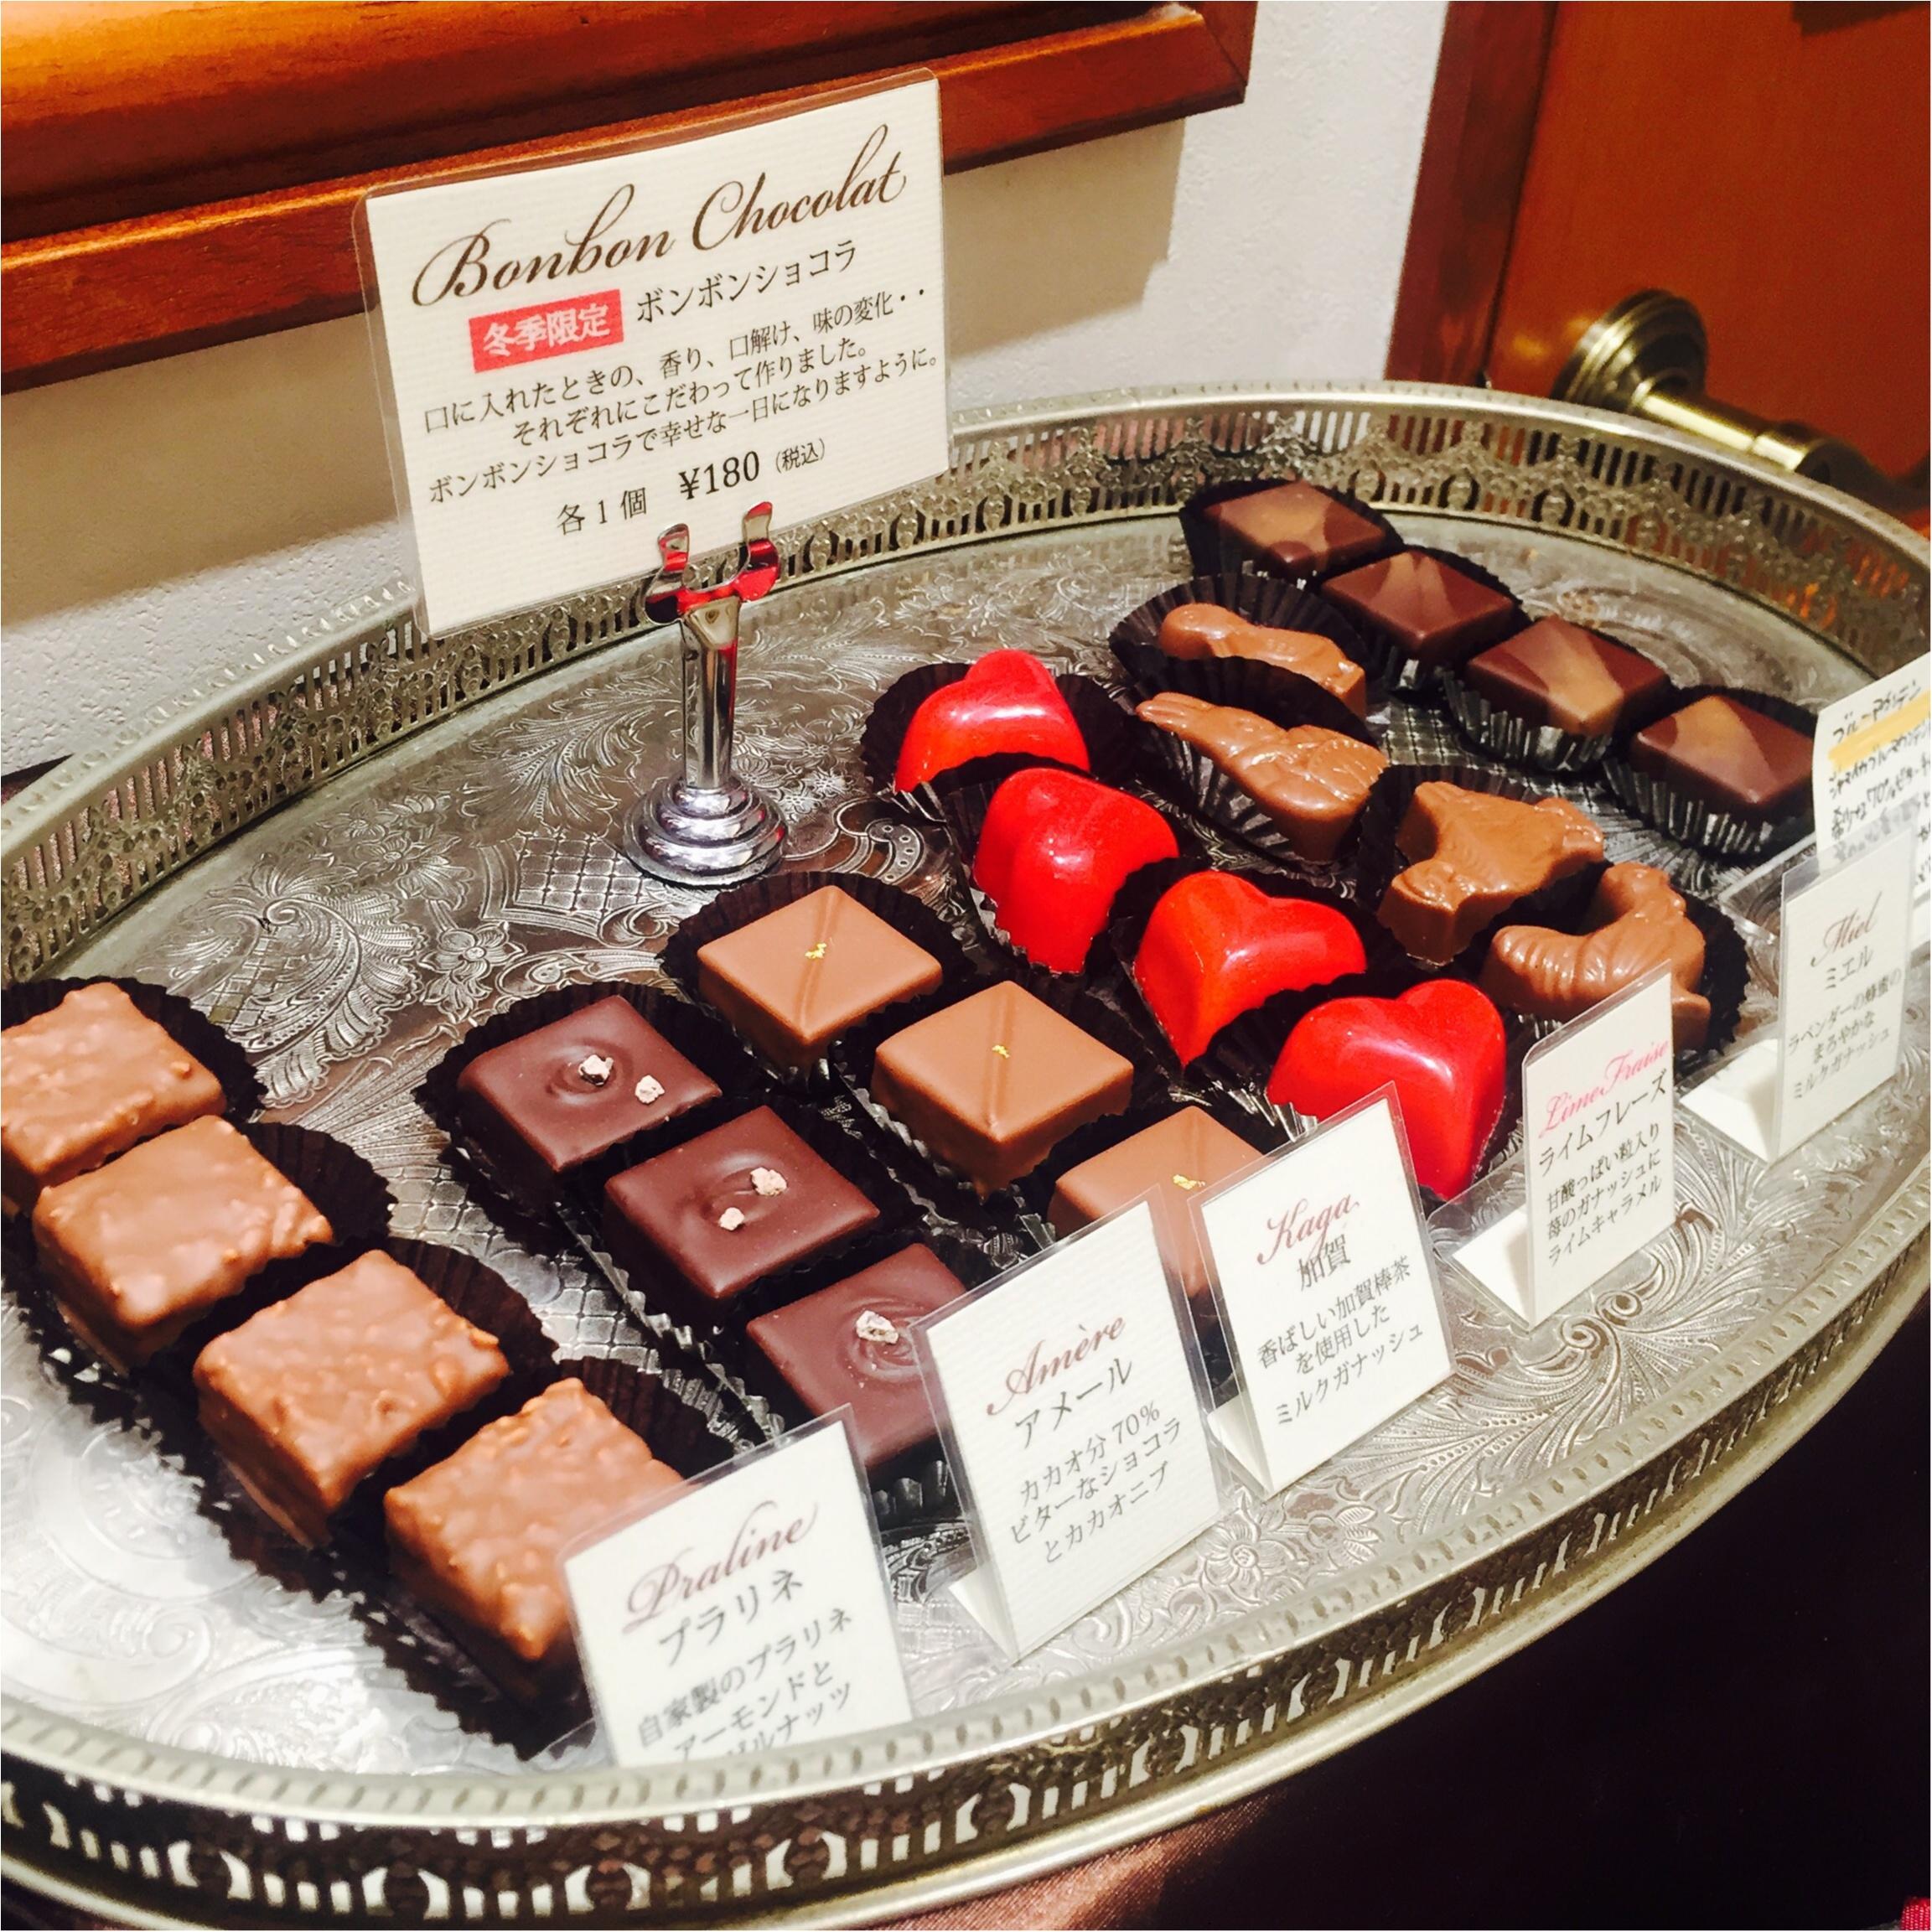 お気に入りのスイーツ店♡パティスリー ショコラトリー オーディネール♡冬季限定のボンボンショコラの季節がやって来た!_3